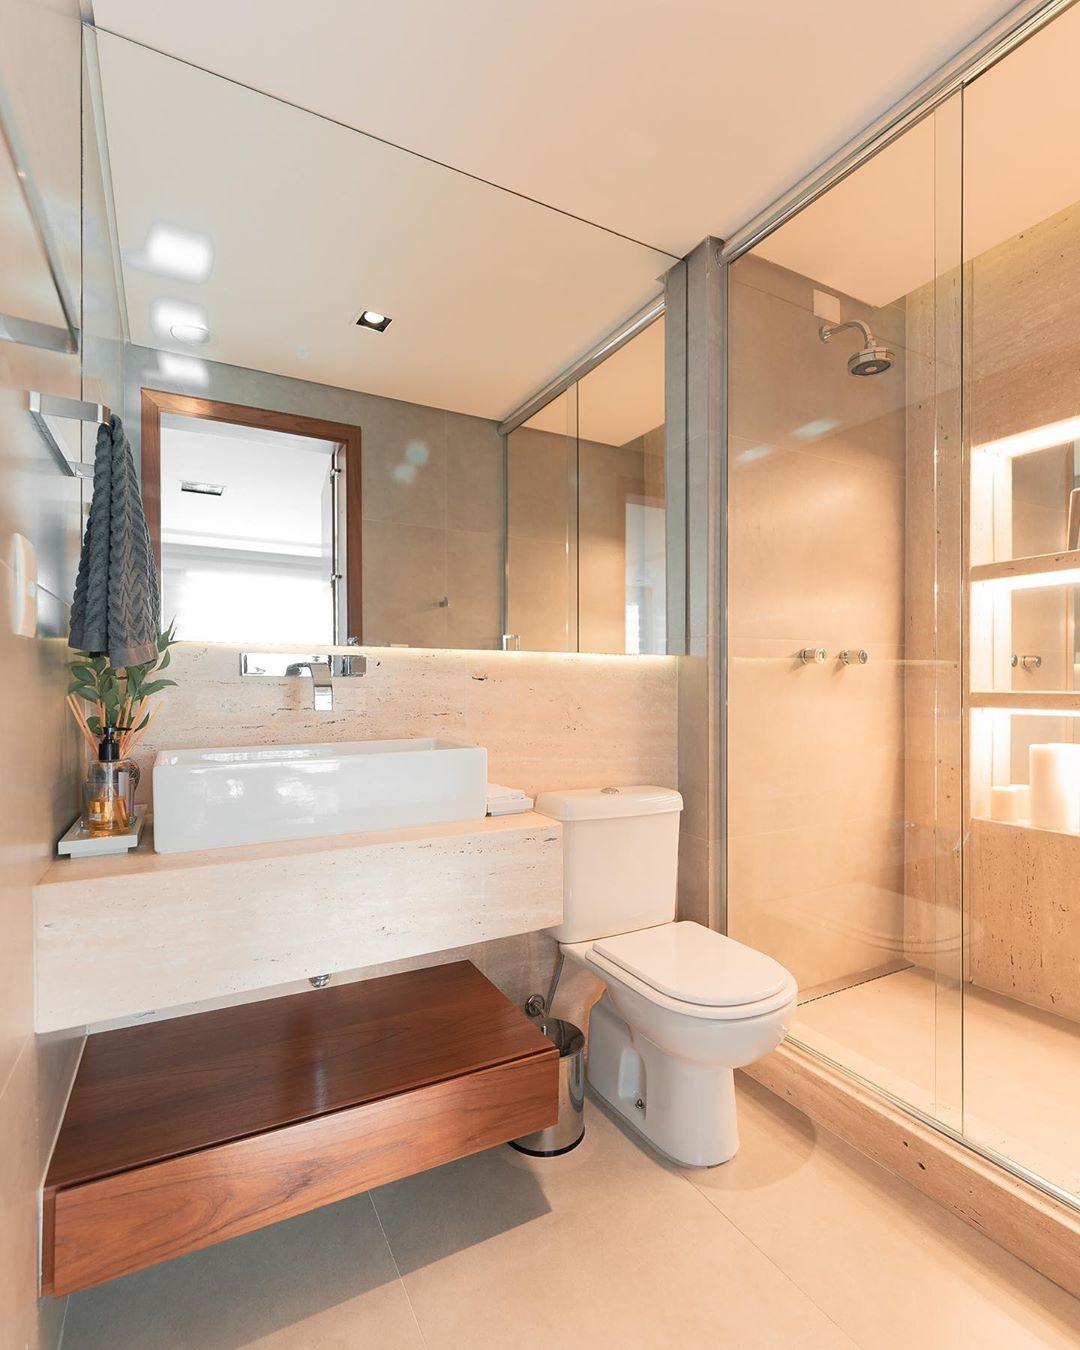 banheiro revestido com marmore travertino